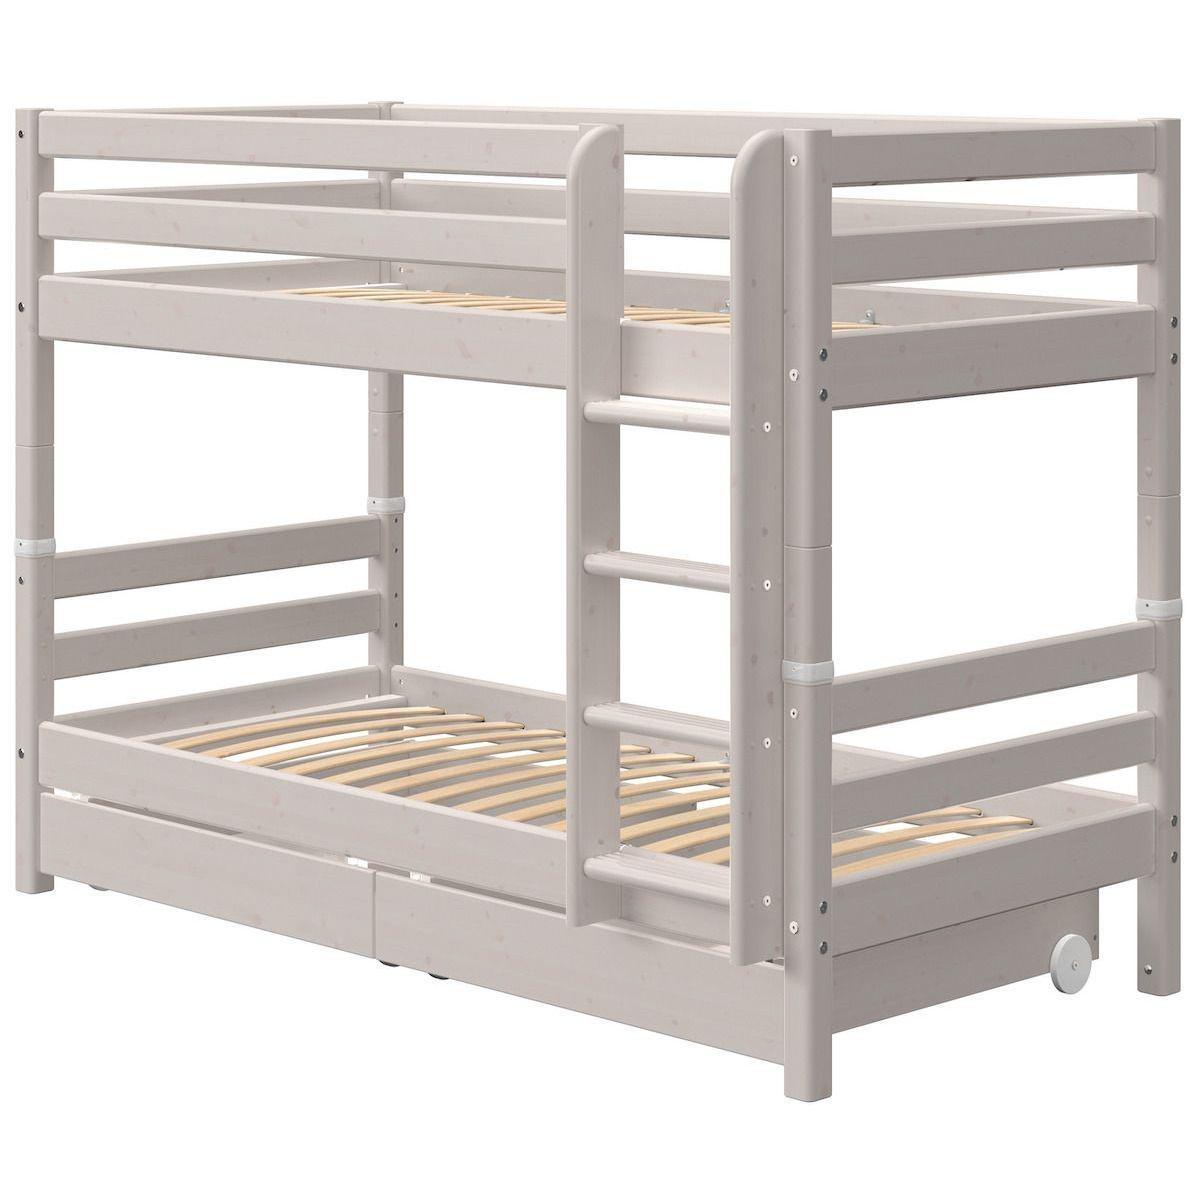 Lit superposé 90x200cm échelle droite 2 tiroirs CLASSIC grey washed